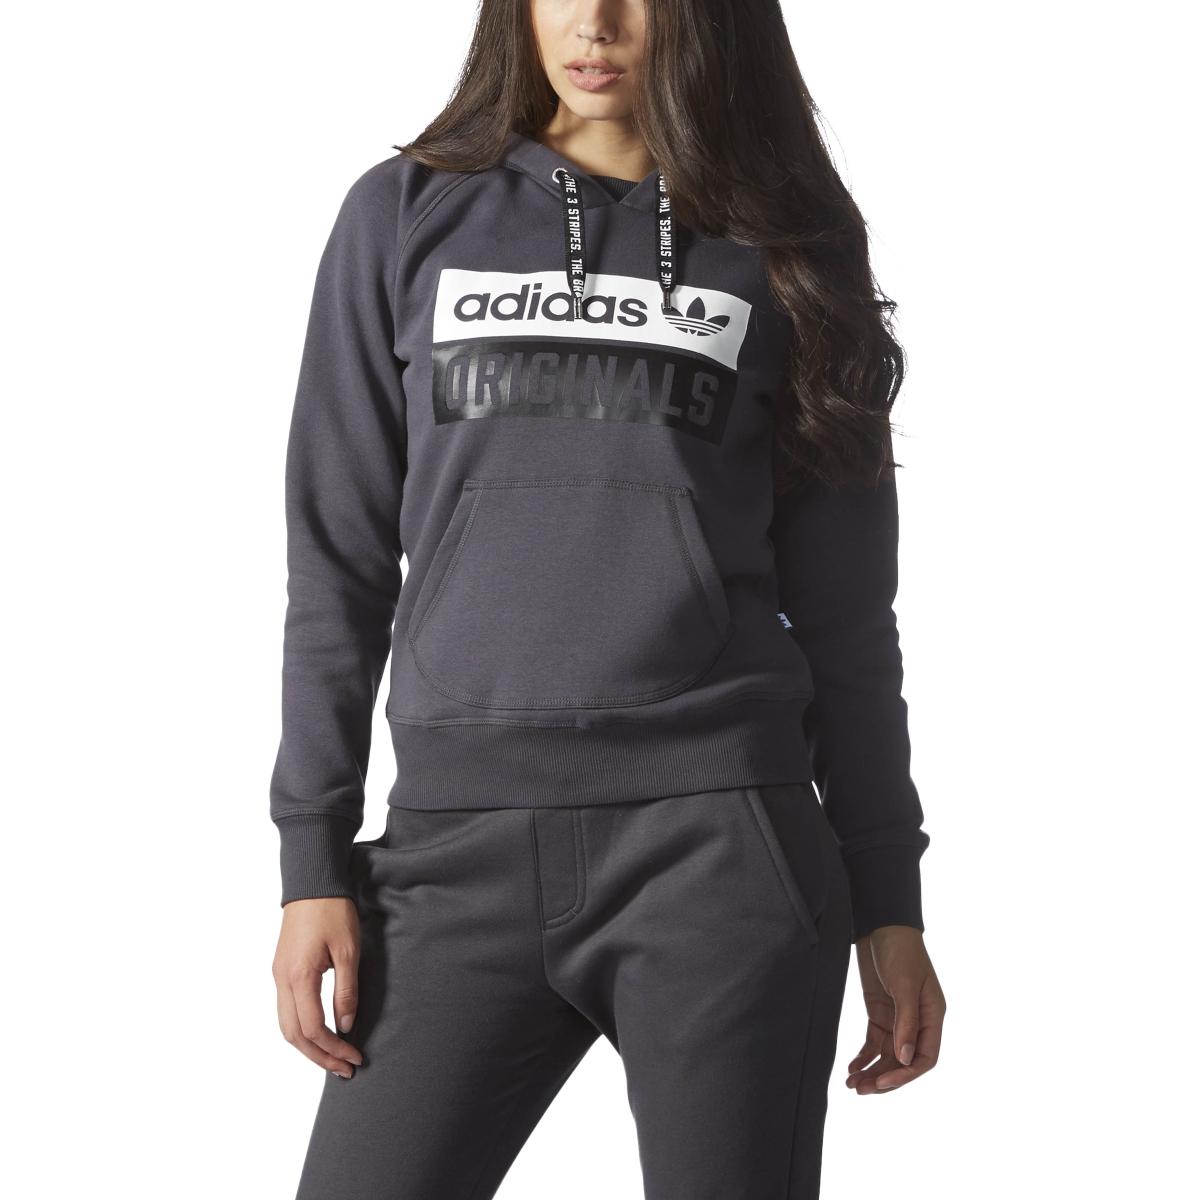 Adidas Originals Longsleeve Women's Hoodie Shadow Black/White/Black ay6631